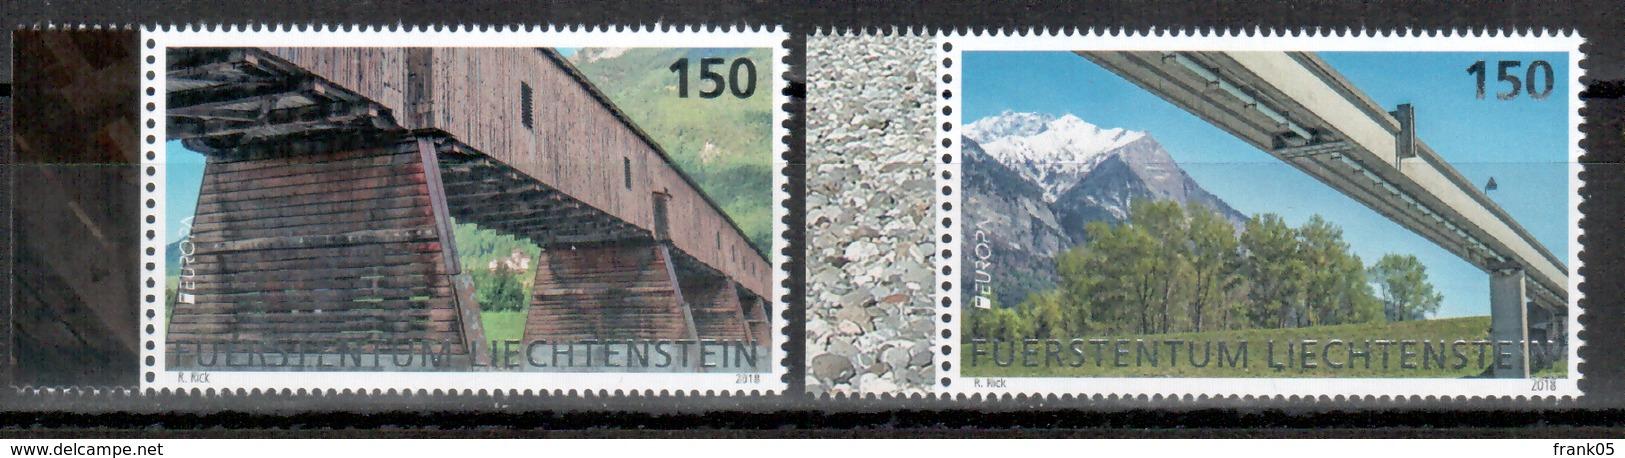 Liechtenstein 2018 Satz/set EUROPA ** - 2018